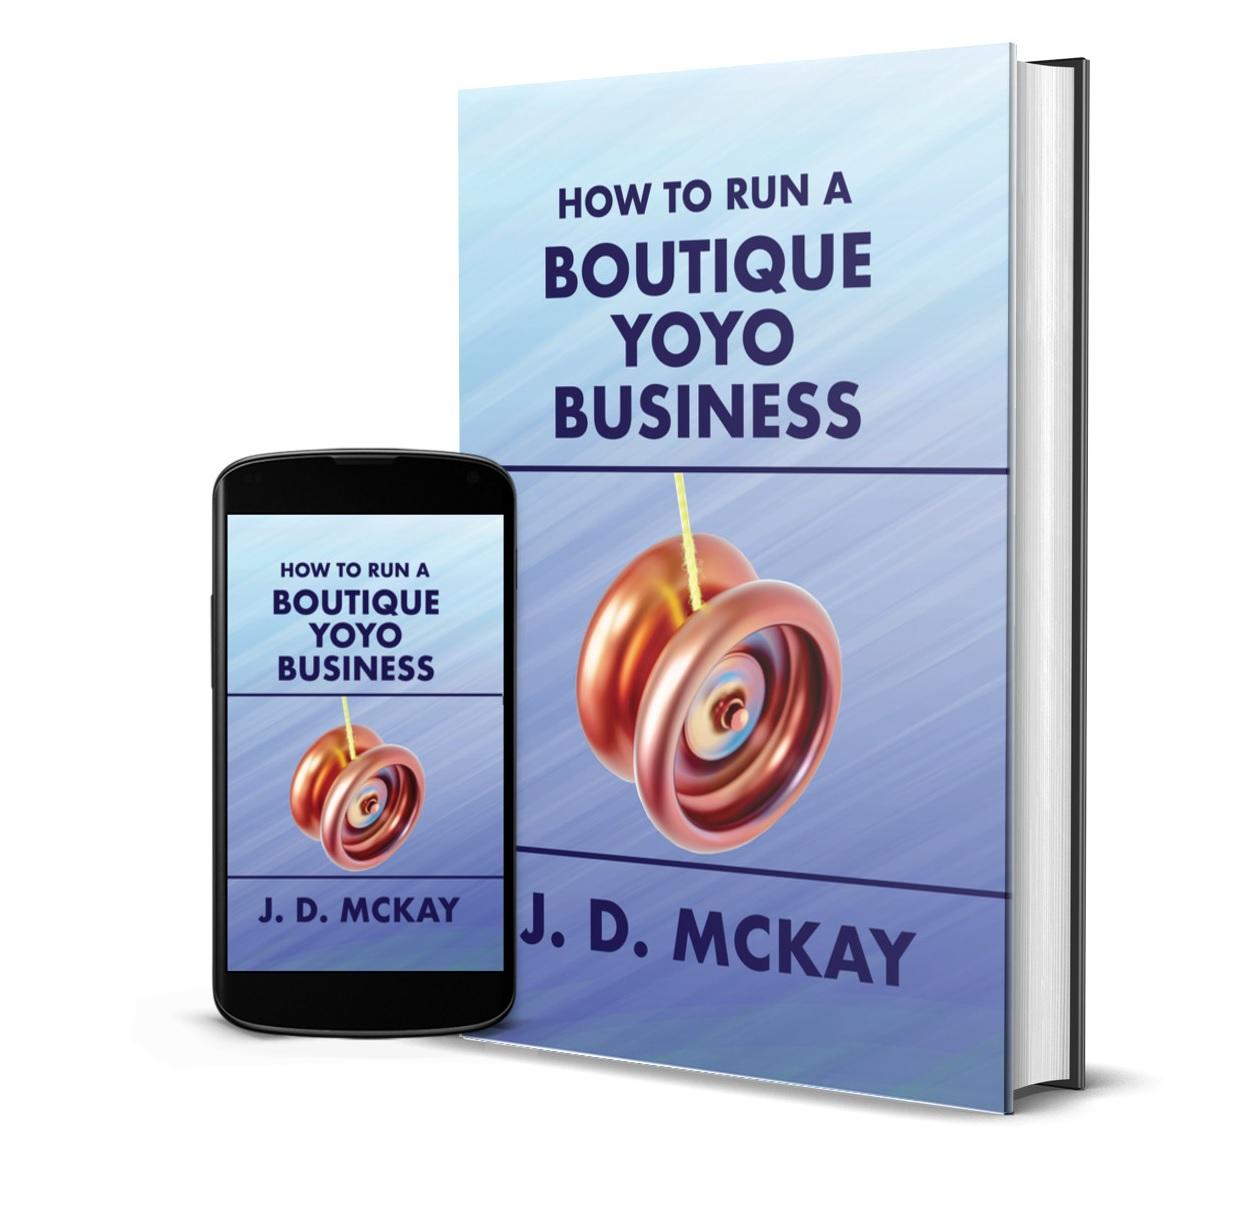 Cover Mockup - Copy.jpg